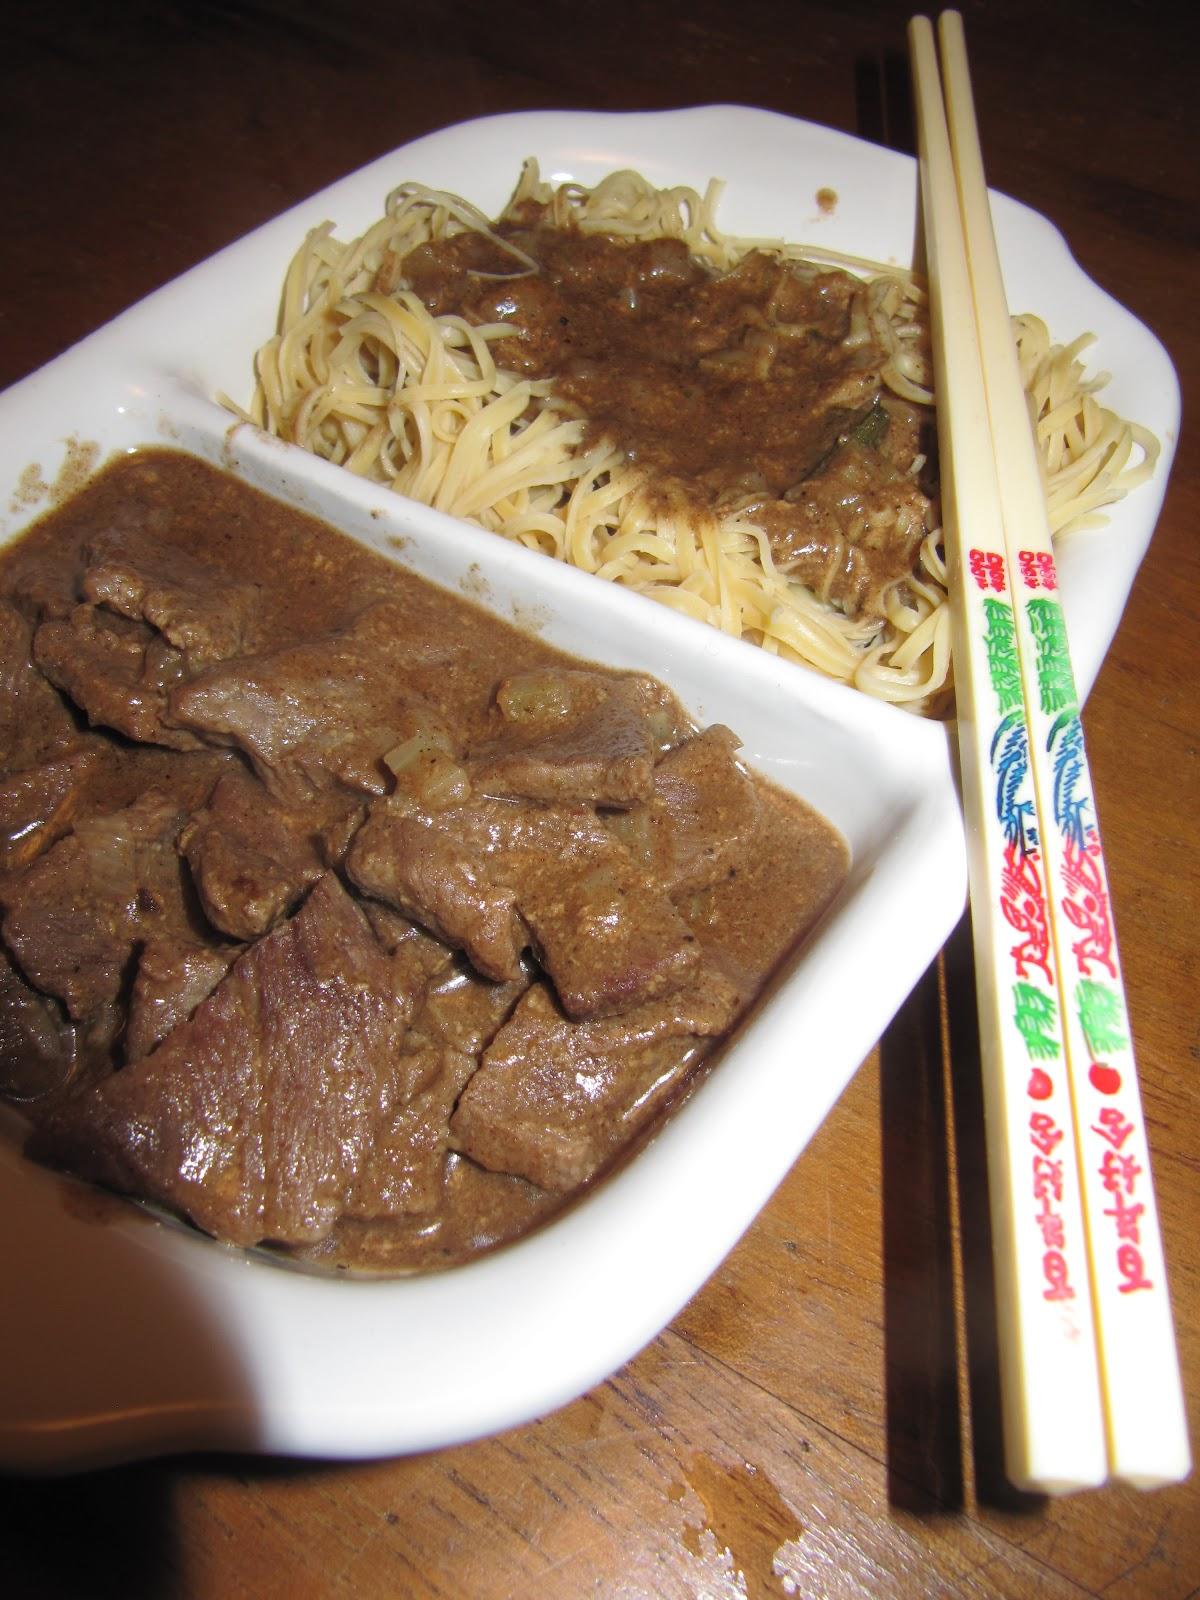 la dieta chetogenica non mangia il maizen